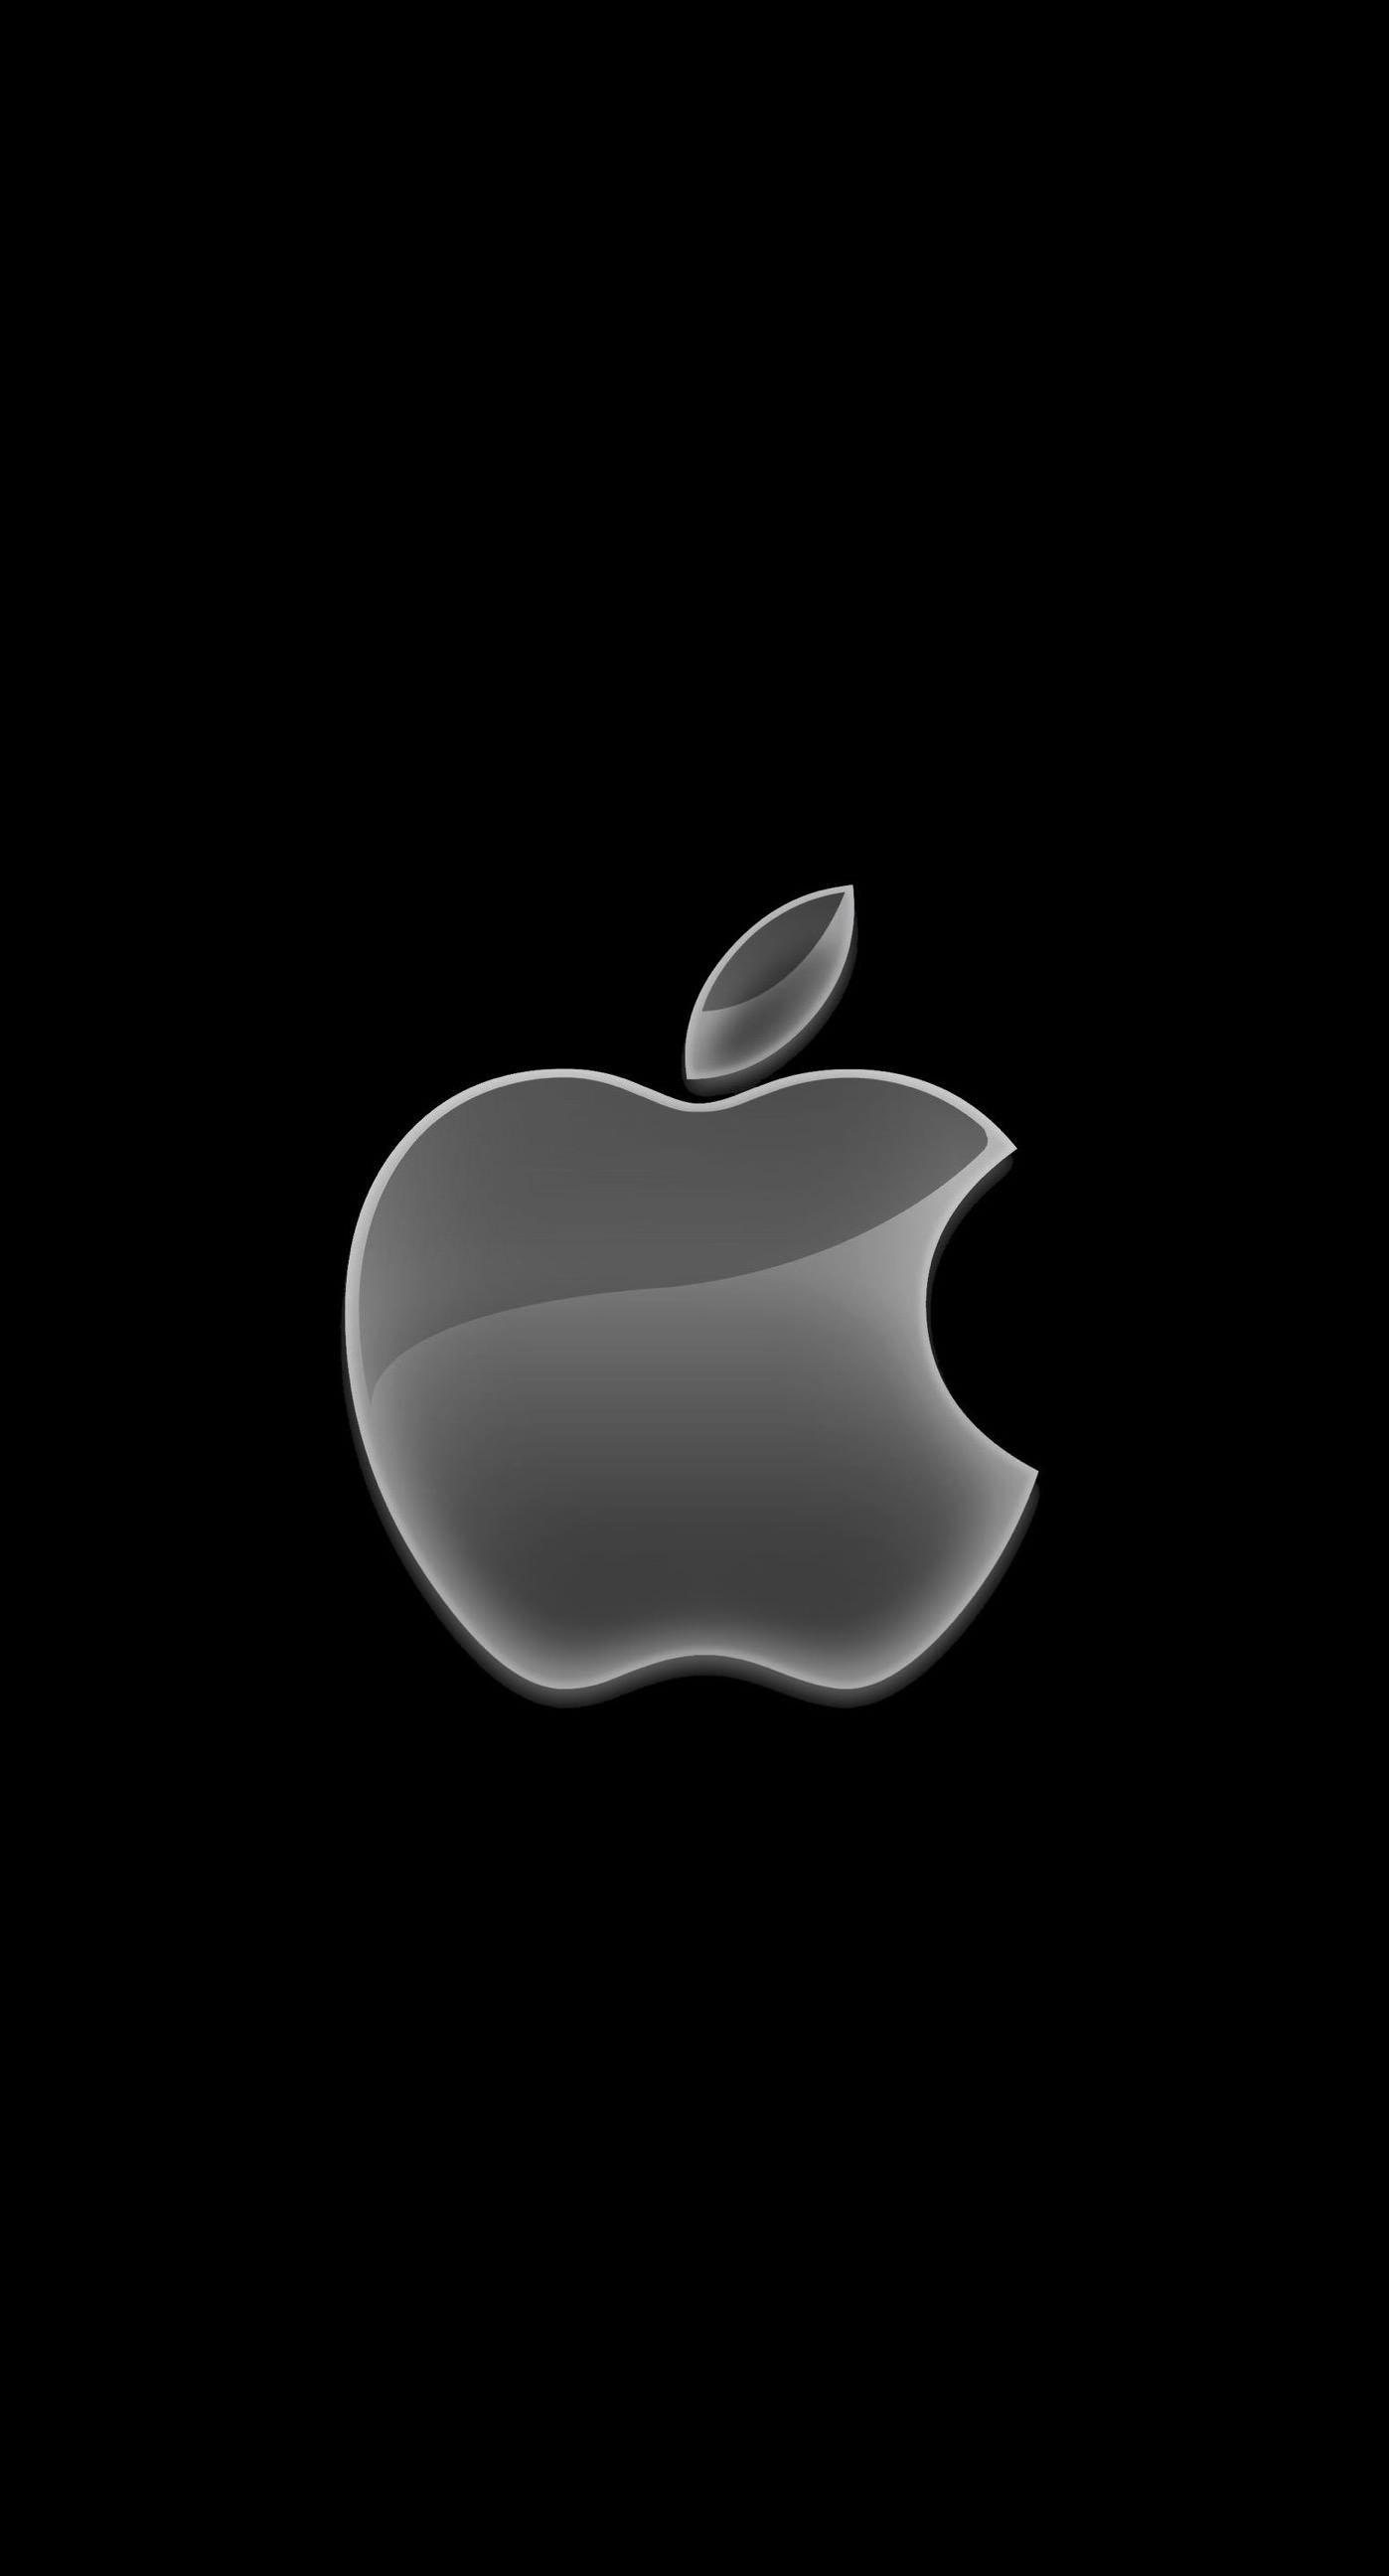 Pintrest Wallpaper اجمل خلفيات بينترست للموبايل Tecnologis Black Apple Wallpaper Apple Logo Wallpaper Iphone Apple Iphone Wallpaper Hd